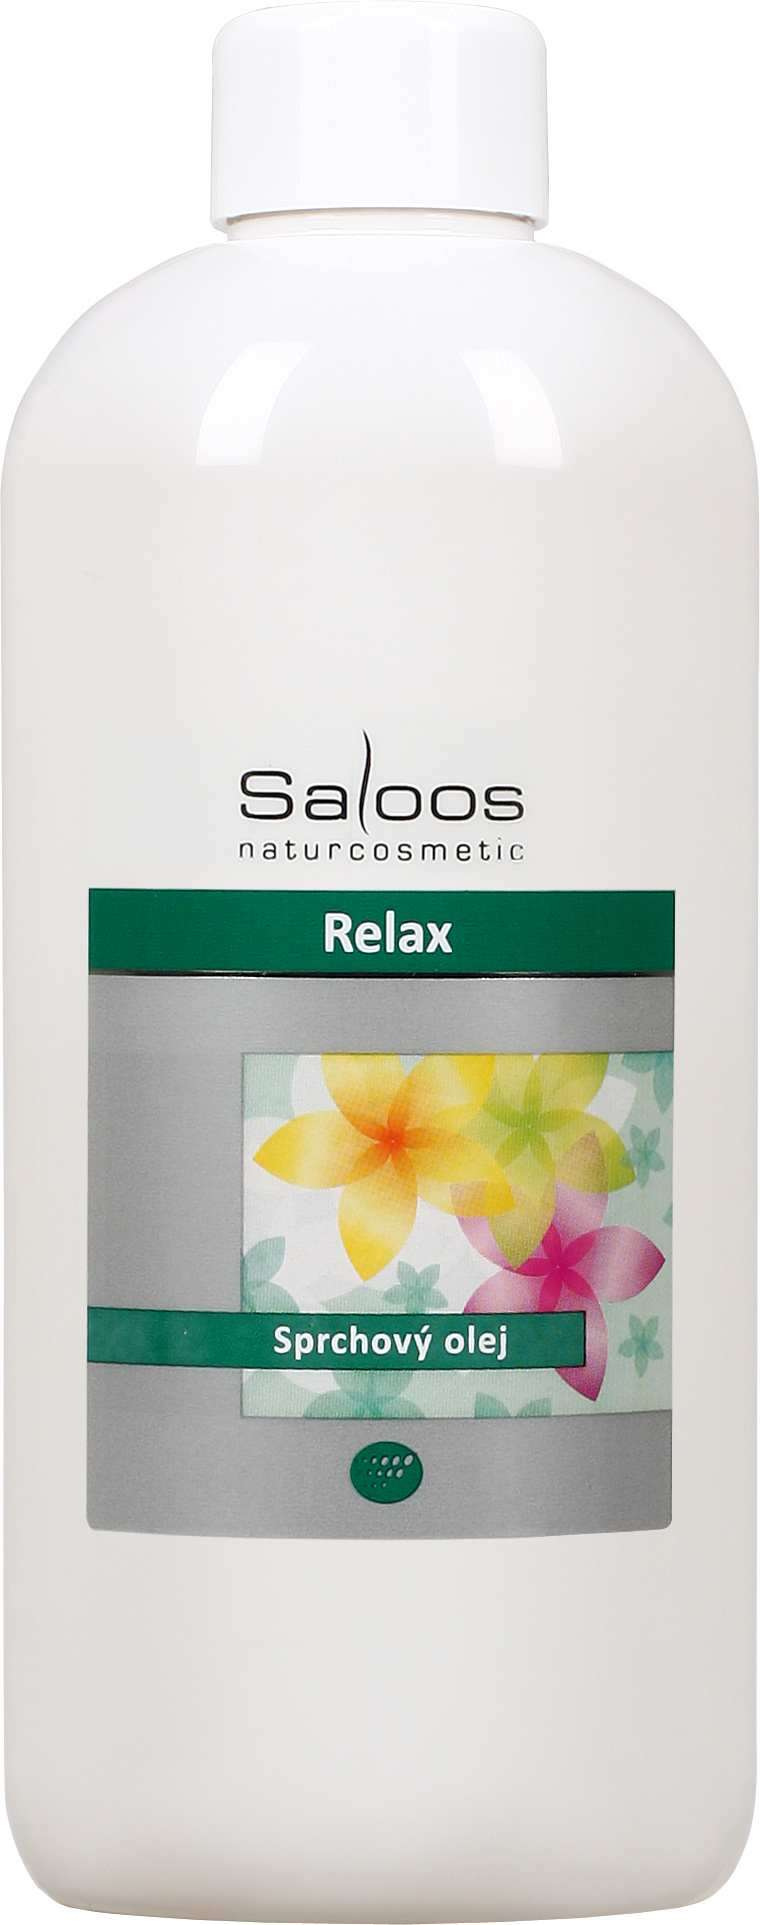 Saloos Relax - sprchový olej Balení: 500 ml